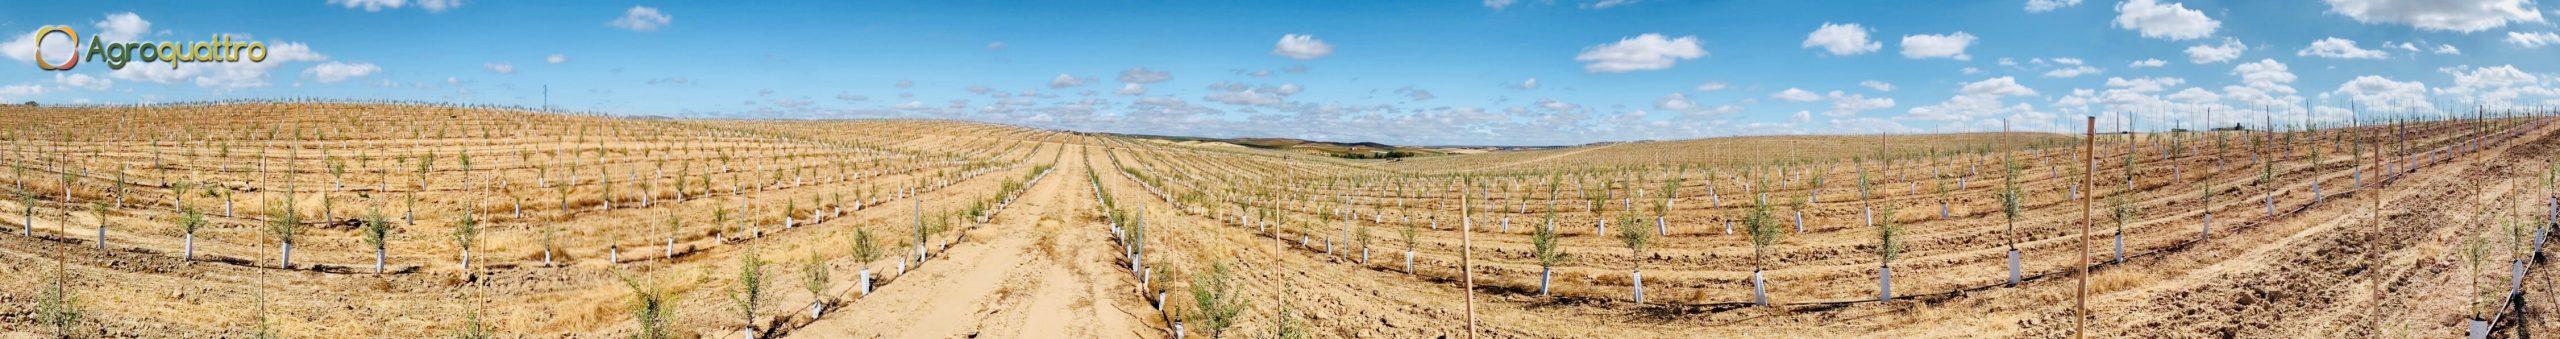 Plantación de olivar en seto en España